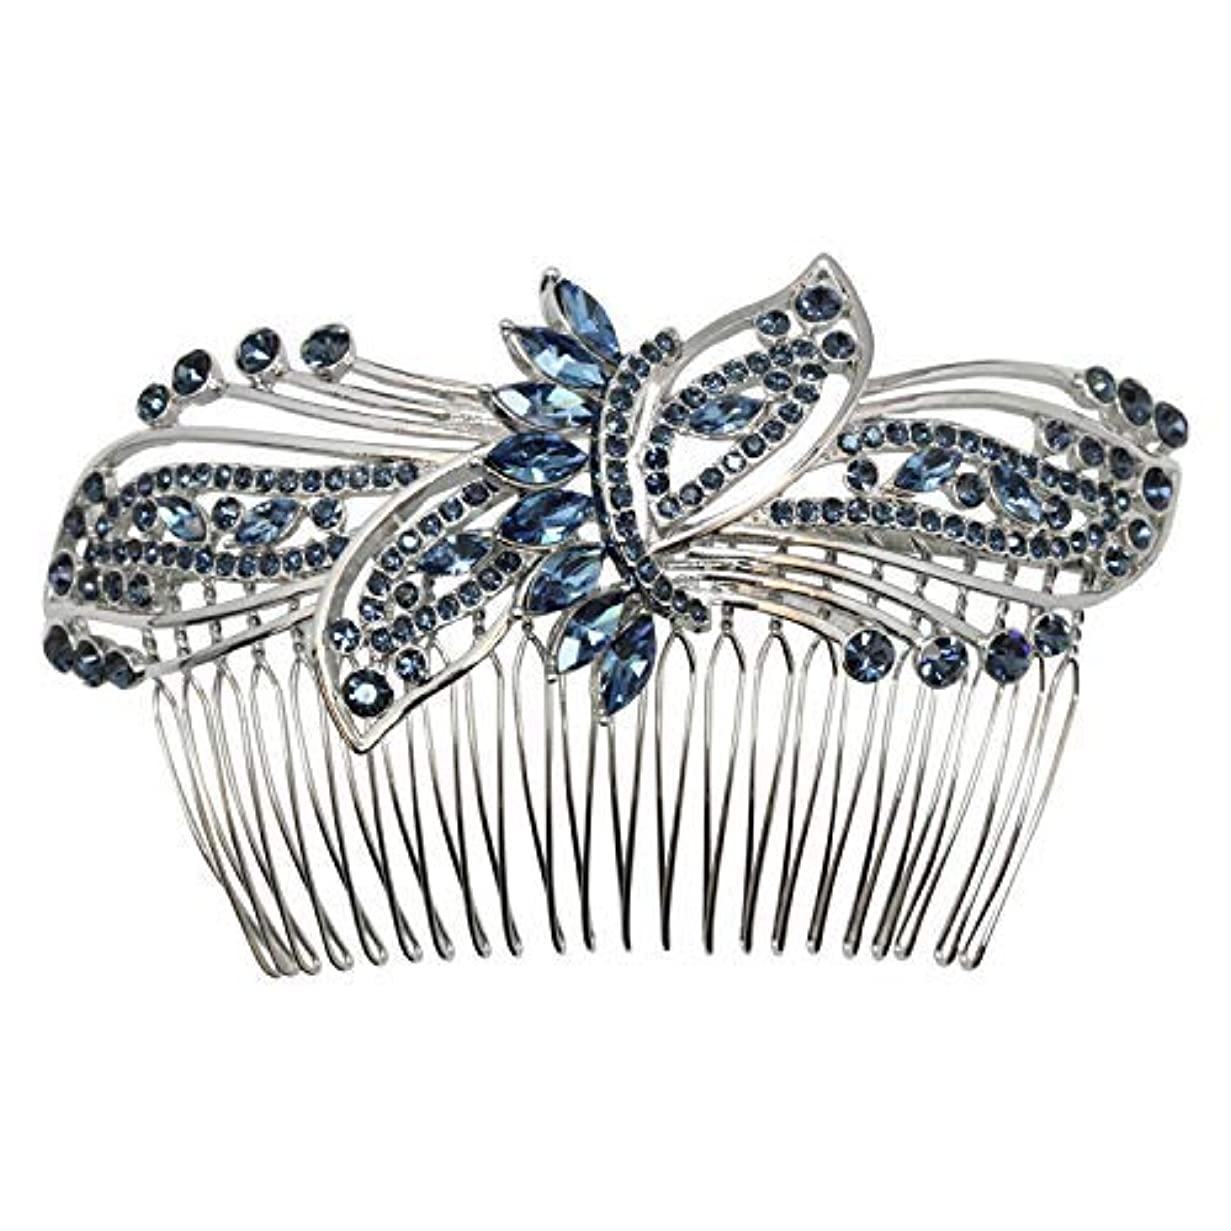 チャットわずかにネクタイFaship Gorgeous Navy Blue Rhinestone Crystal Huge Floral Hair Comb [並行輸入品]